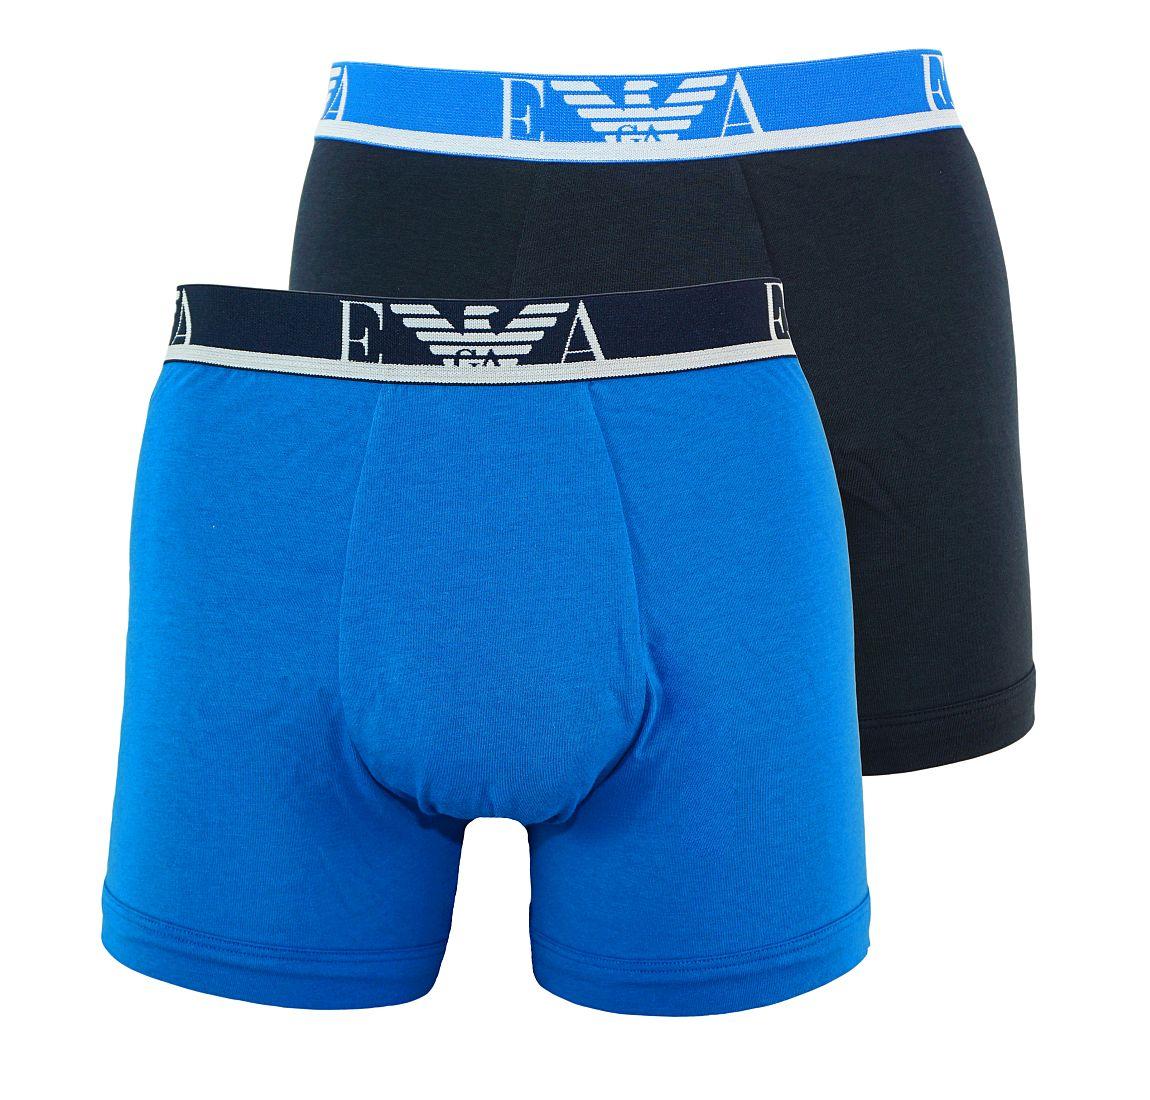 Emporio Armani 2er Pack Boxershorts Unterhosen BLU CINA/MARINE 111268 7P715 18133 WF17-EAB1